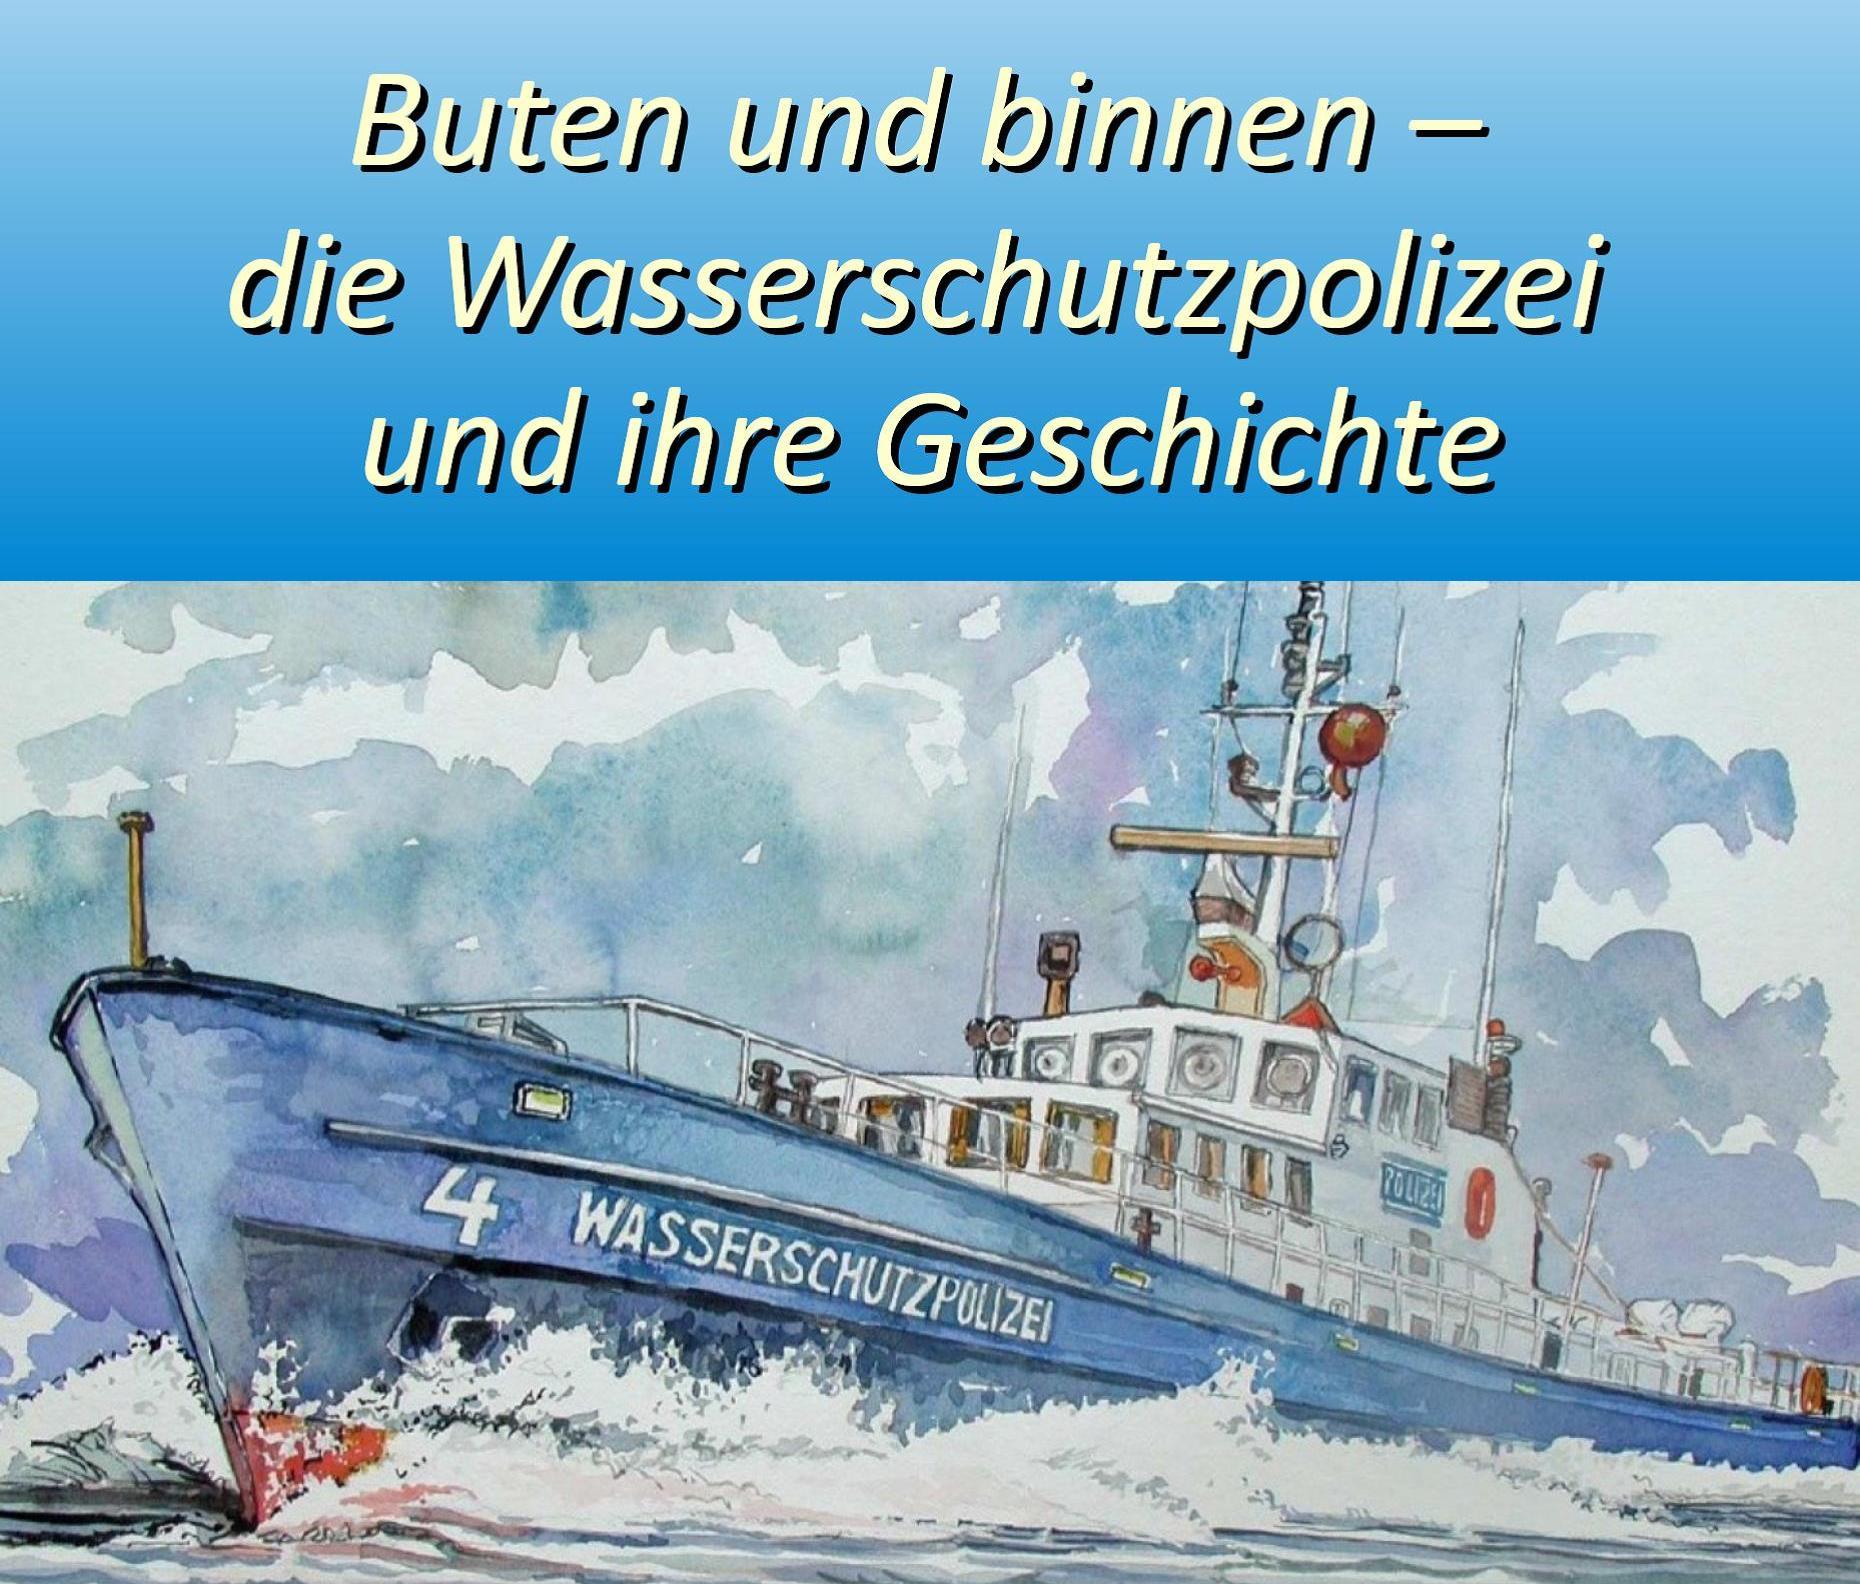 Buten und binnen - Geschichte der asserschutzpolizei